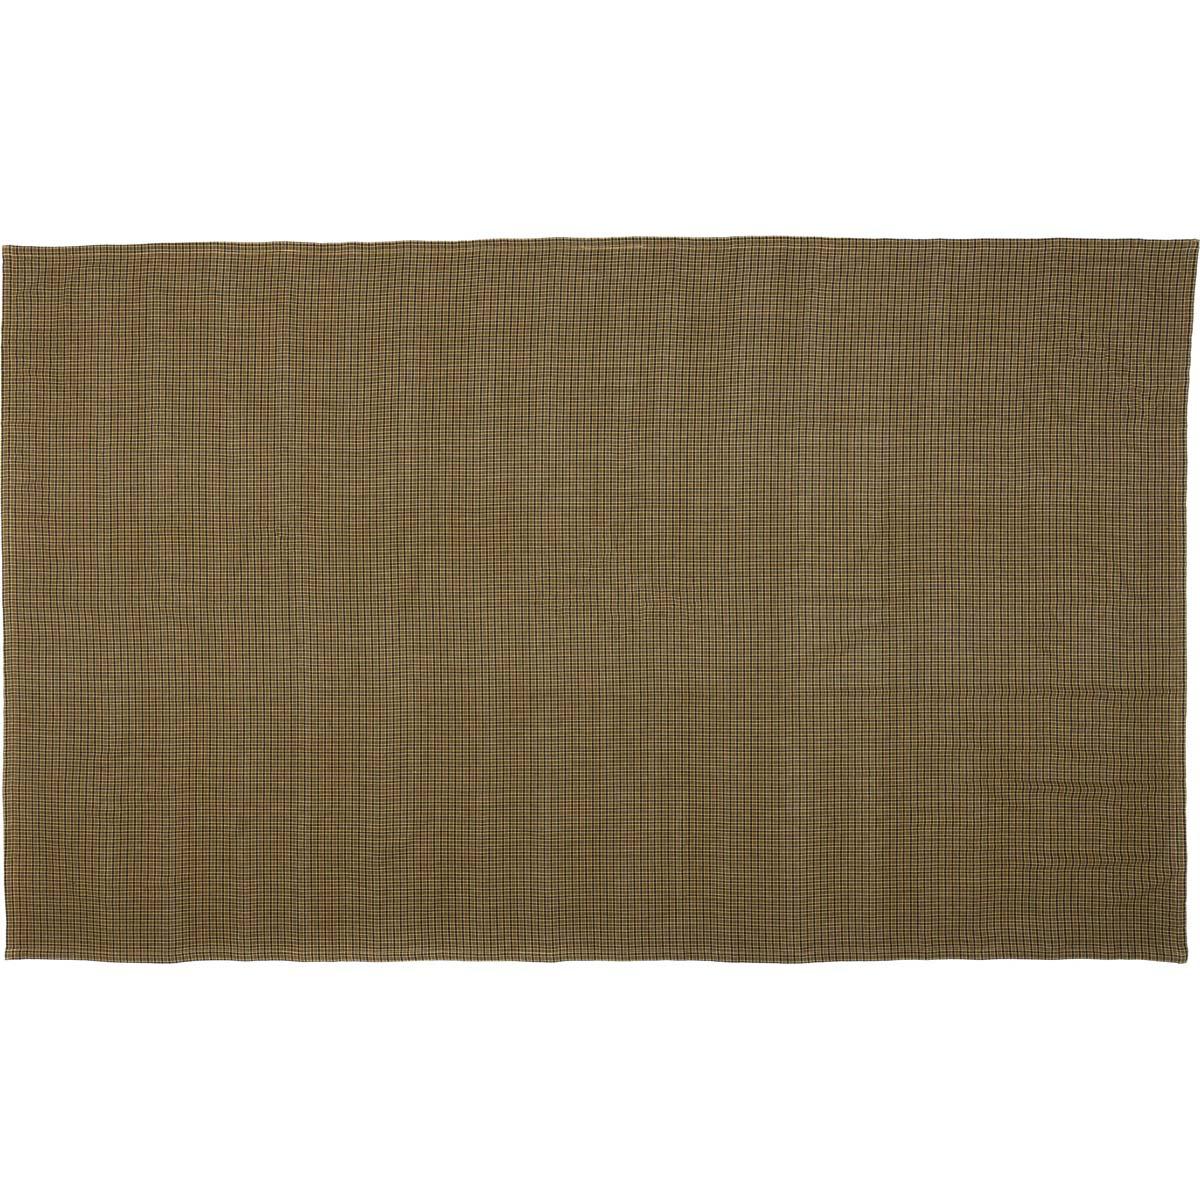 Tea Cabin Green Plaid Table Cloth 60x102